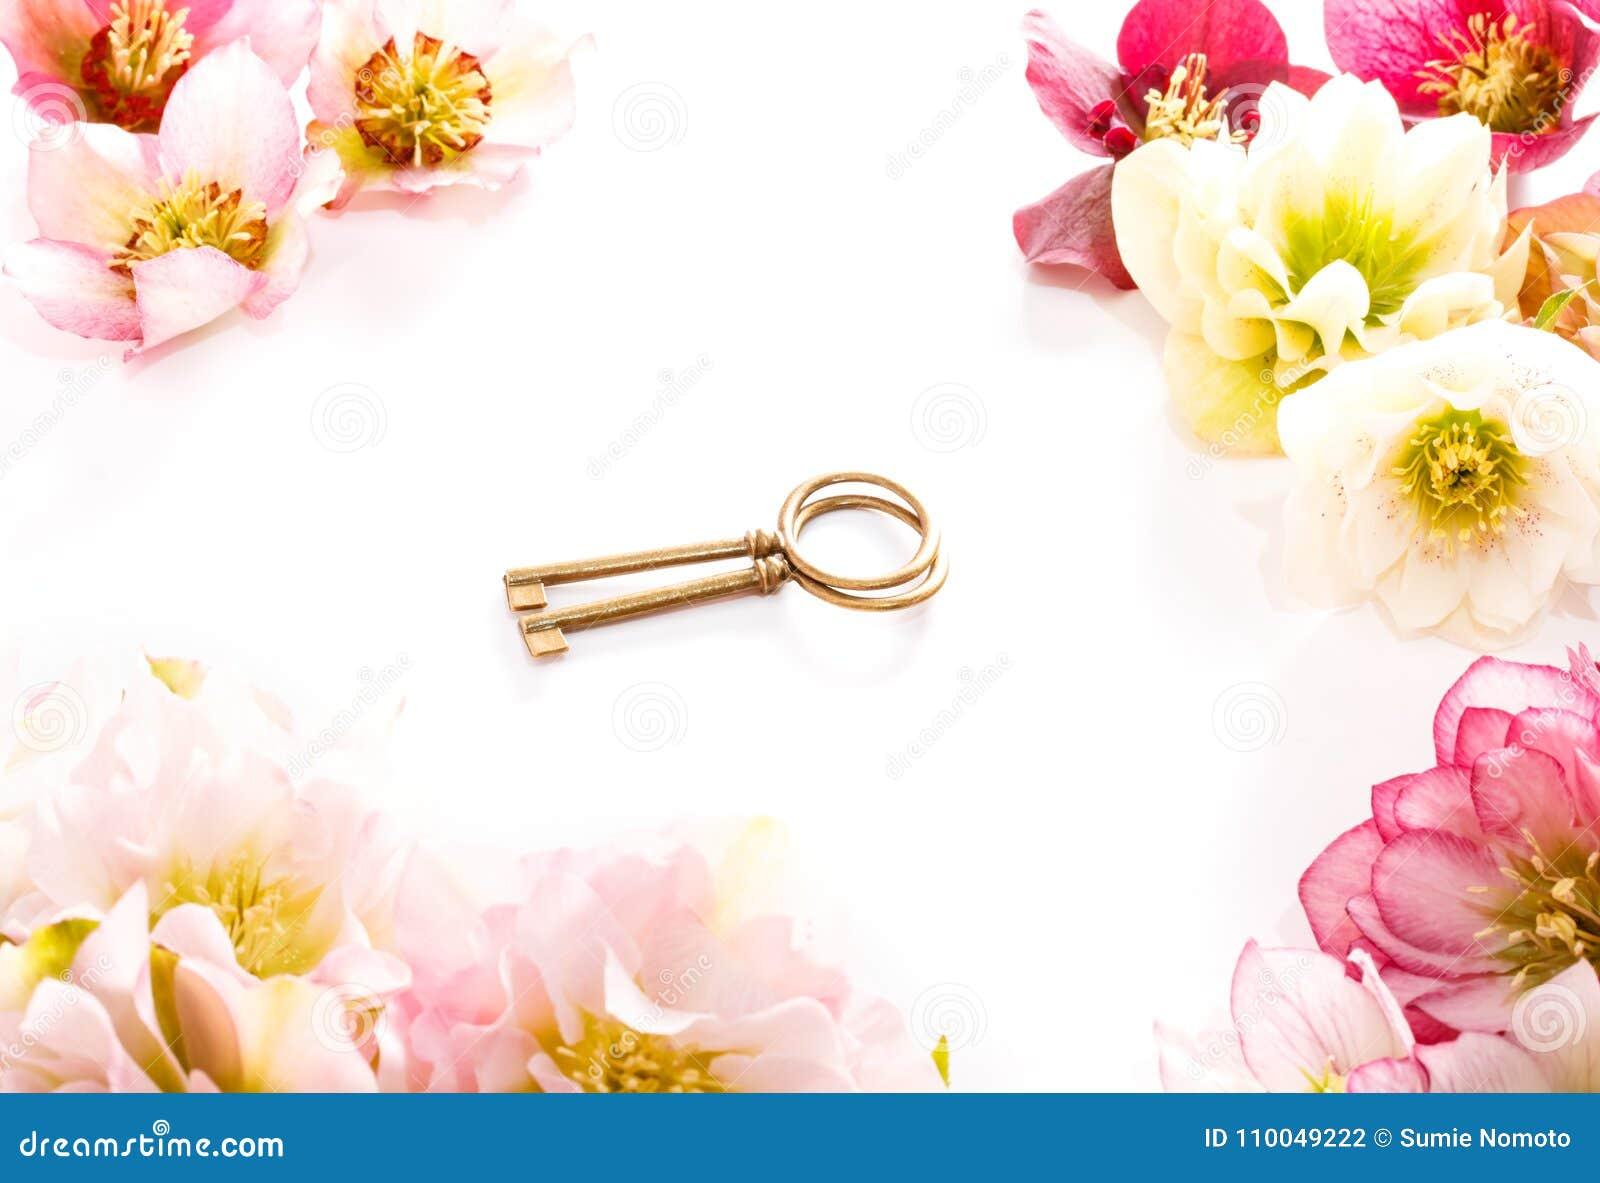 Flor del Hellebore u orientalis del Helleborus y llave antiqued aislados en blanco